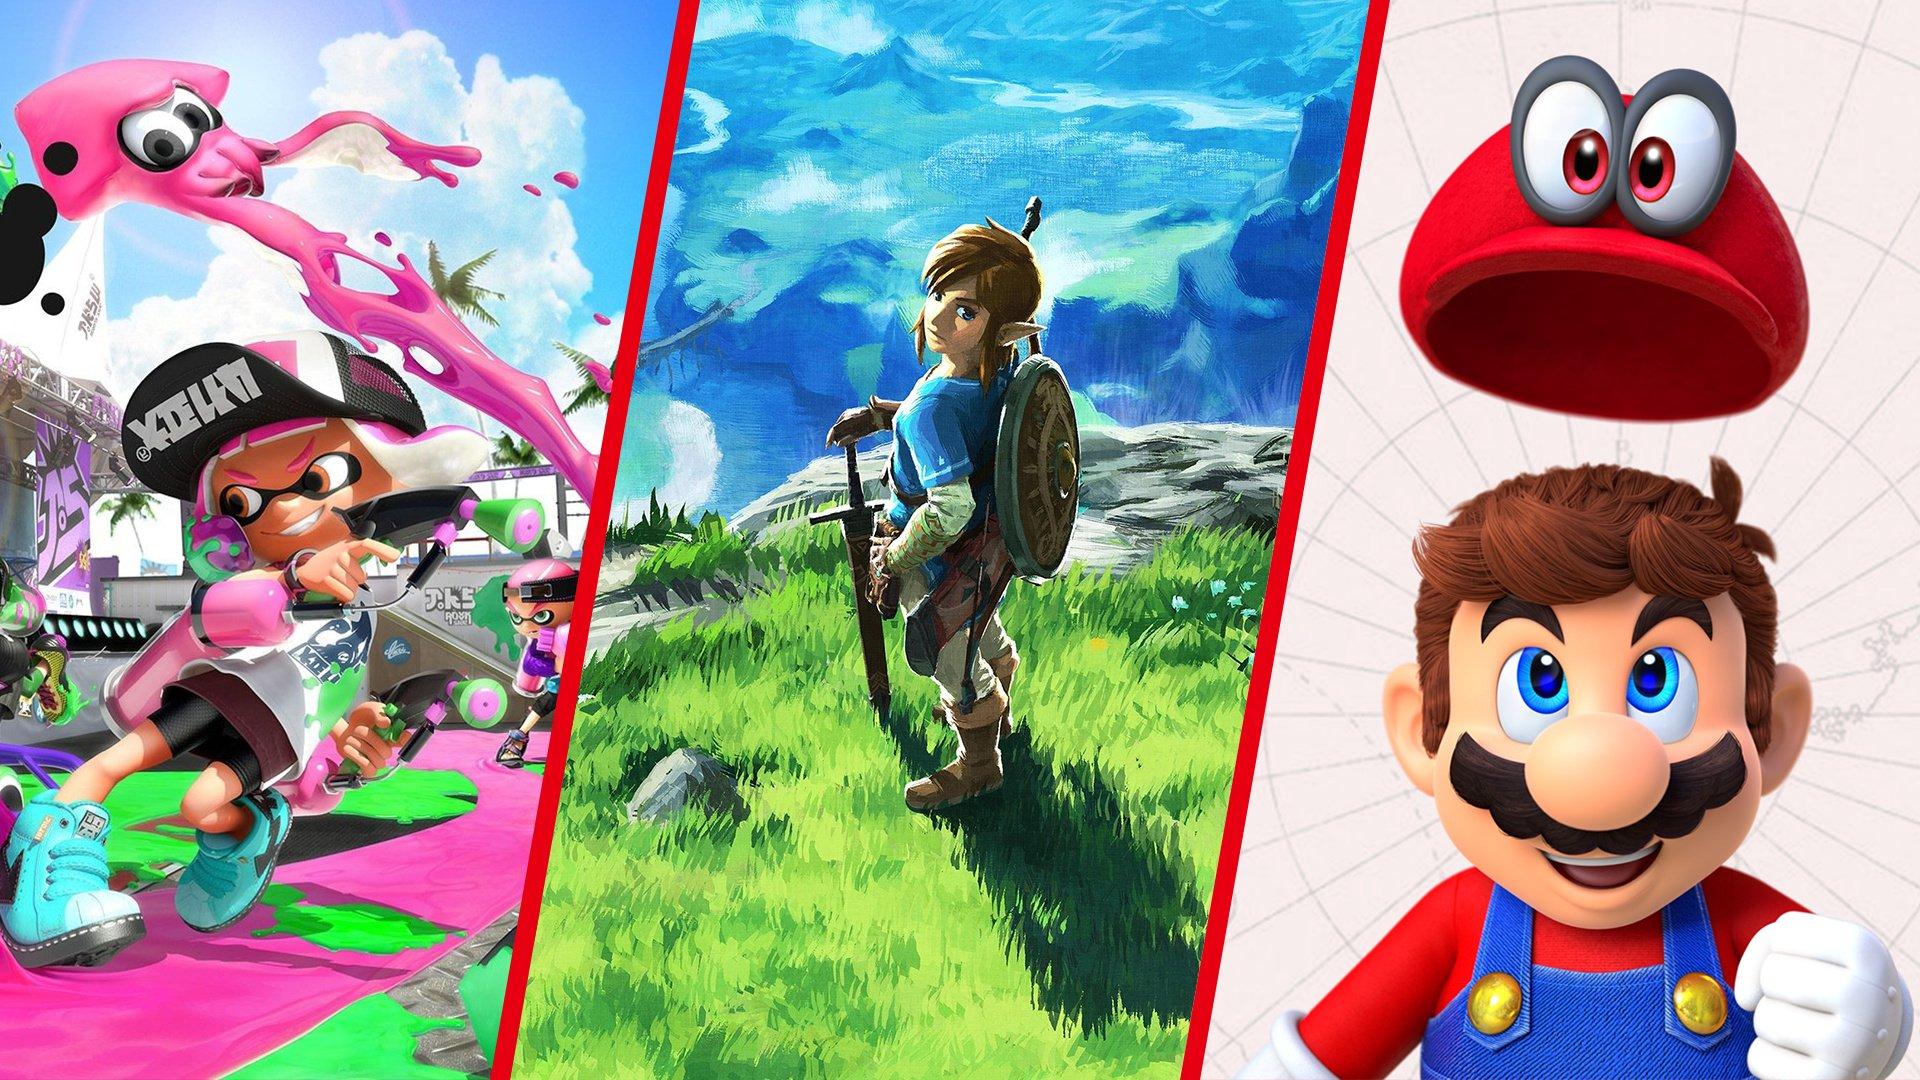 Berrogeietan jolastu dezakezun onena Nintendo Switch jokoak!